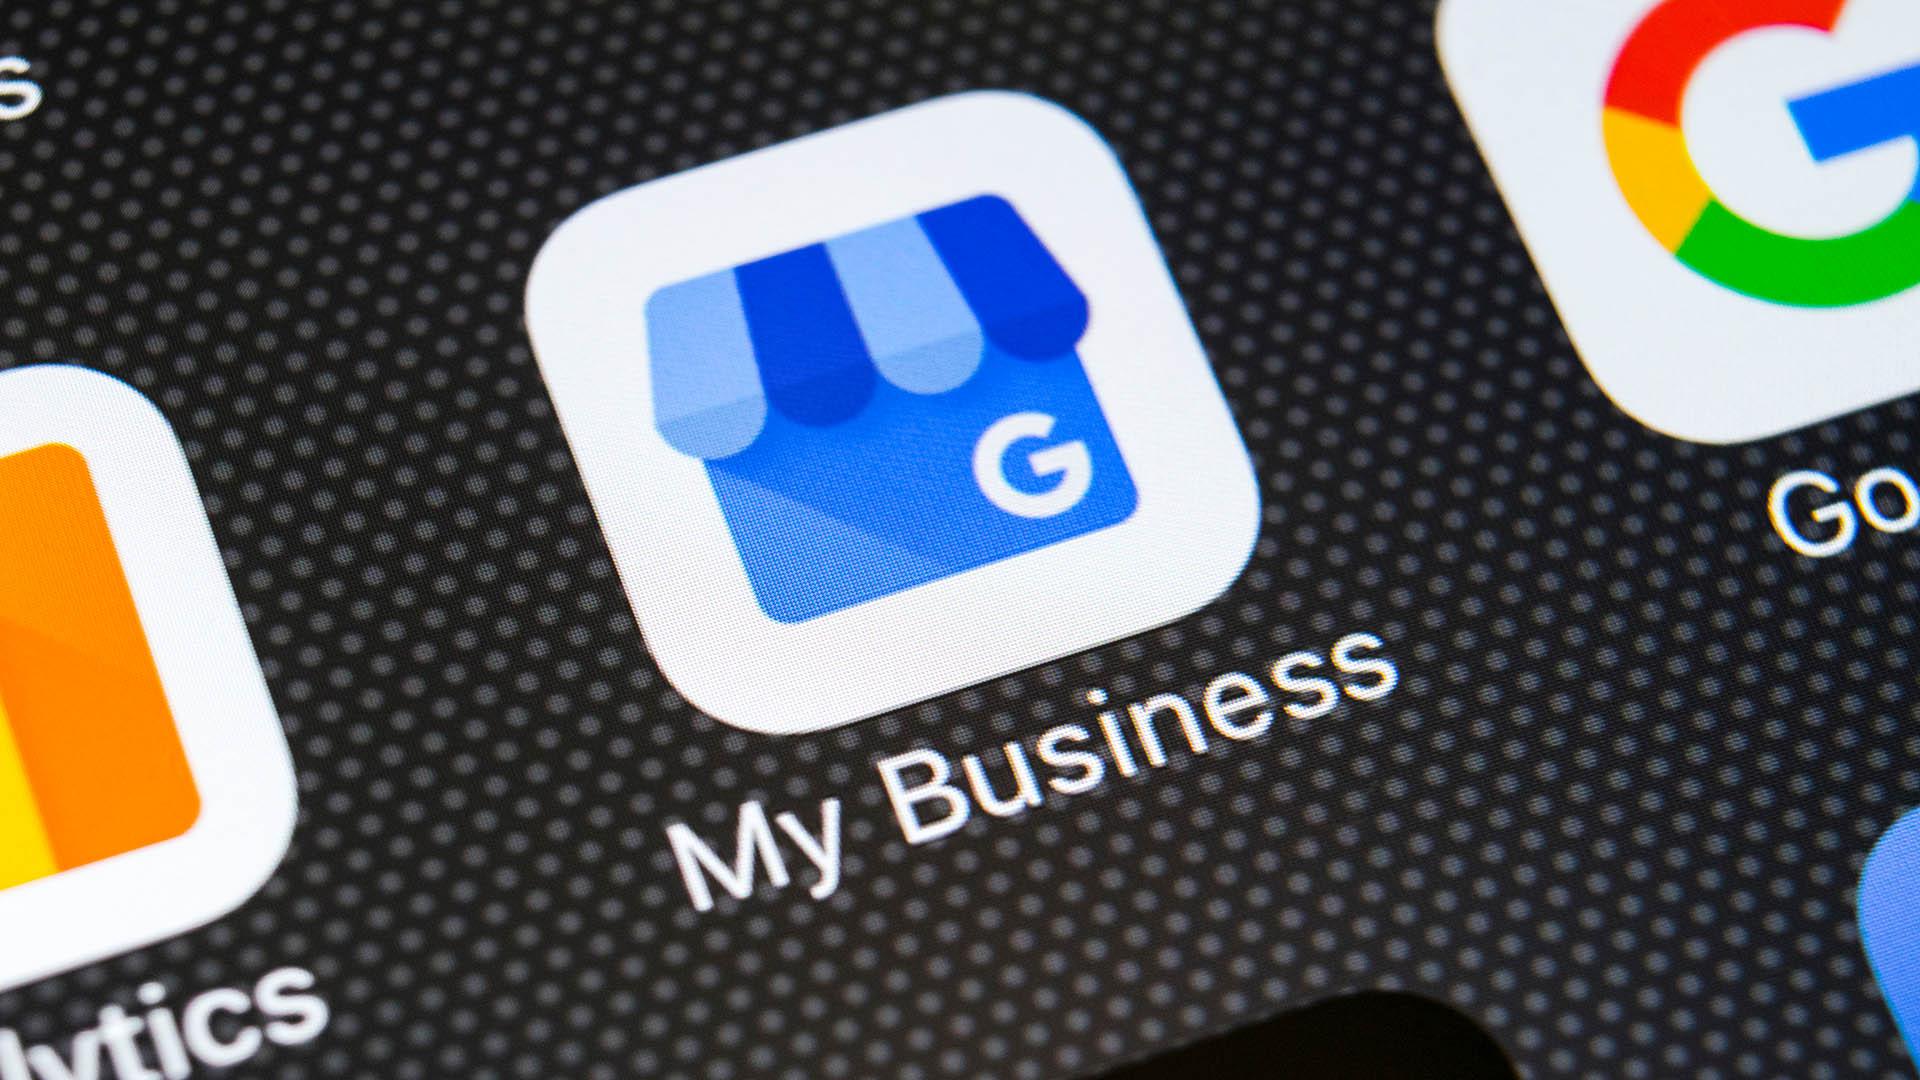 Google Mijn Bedrijf voegt de chatfunctie toe aan de desktop versie!